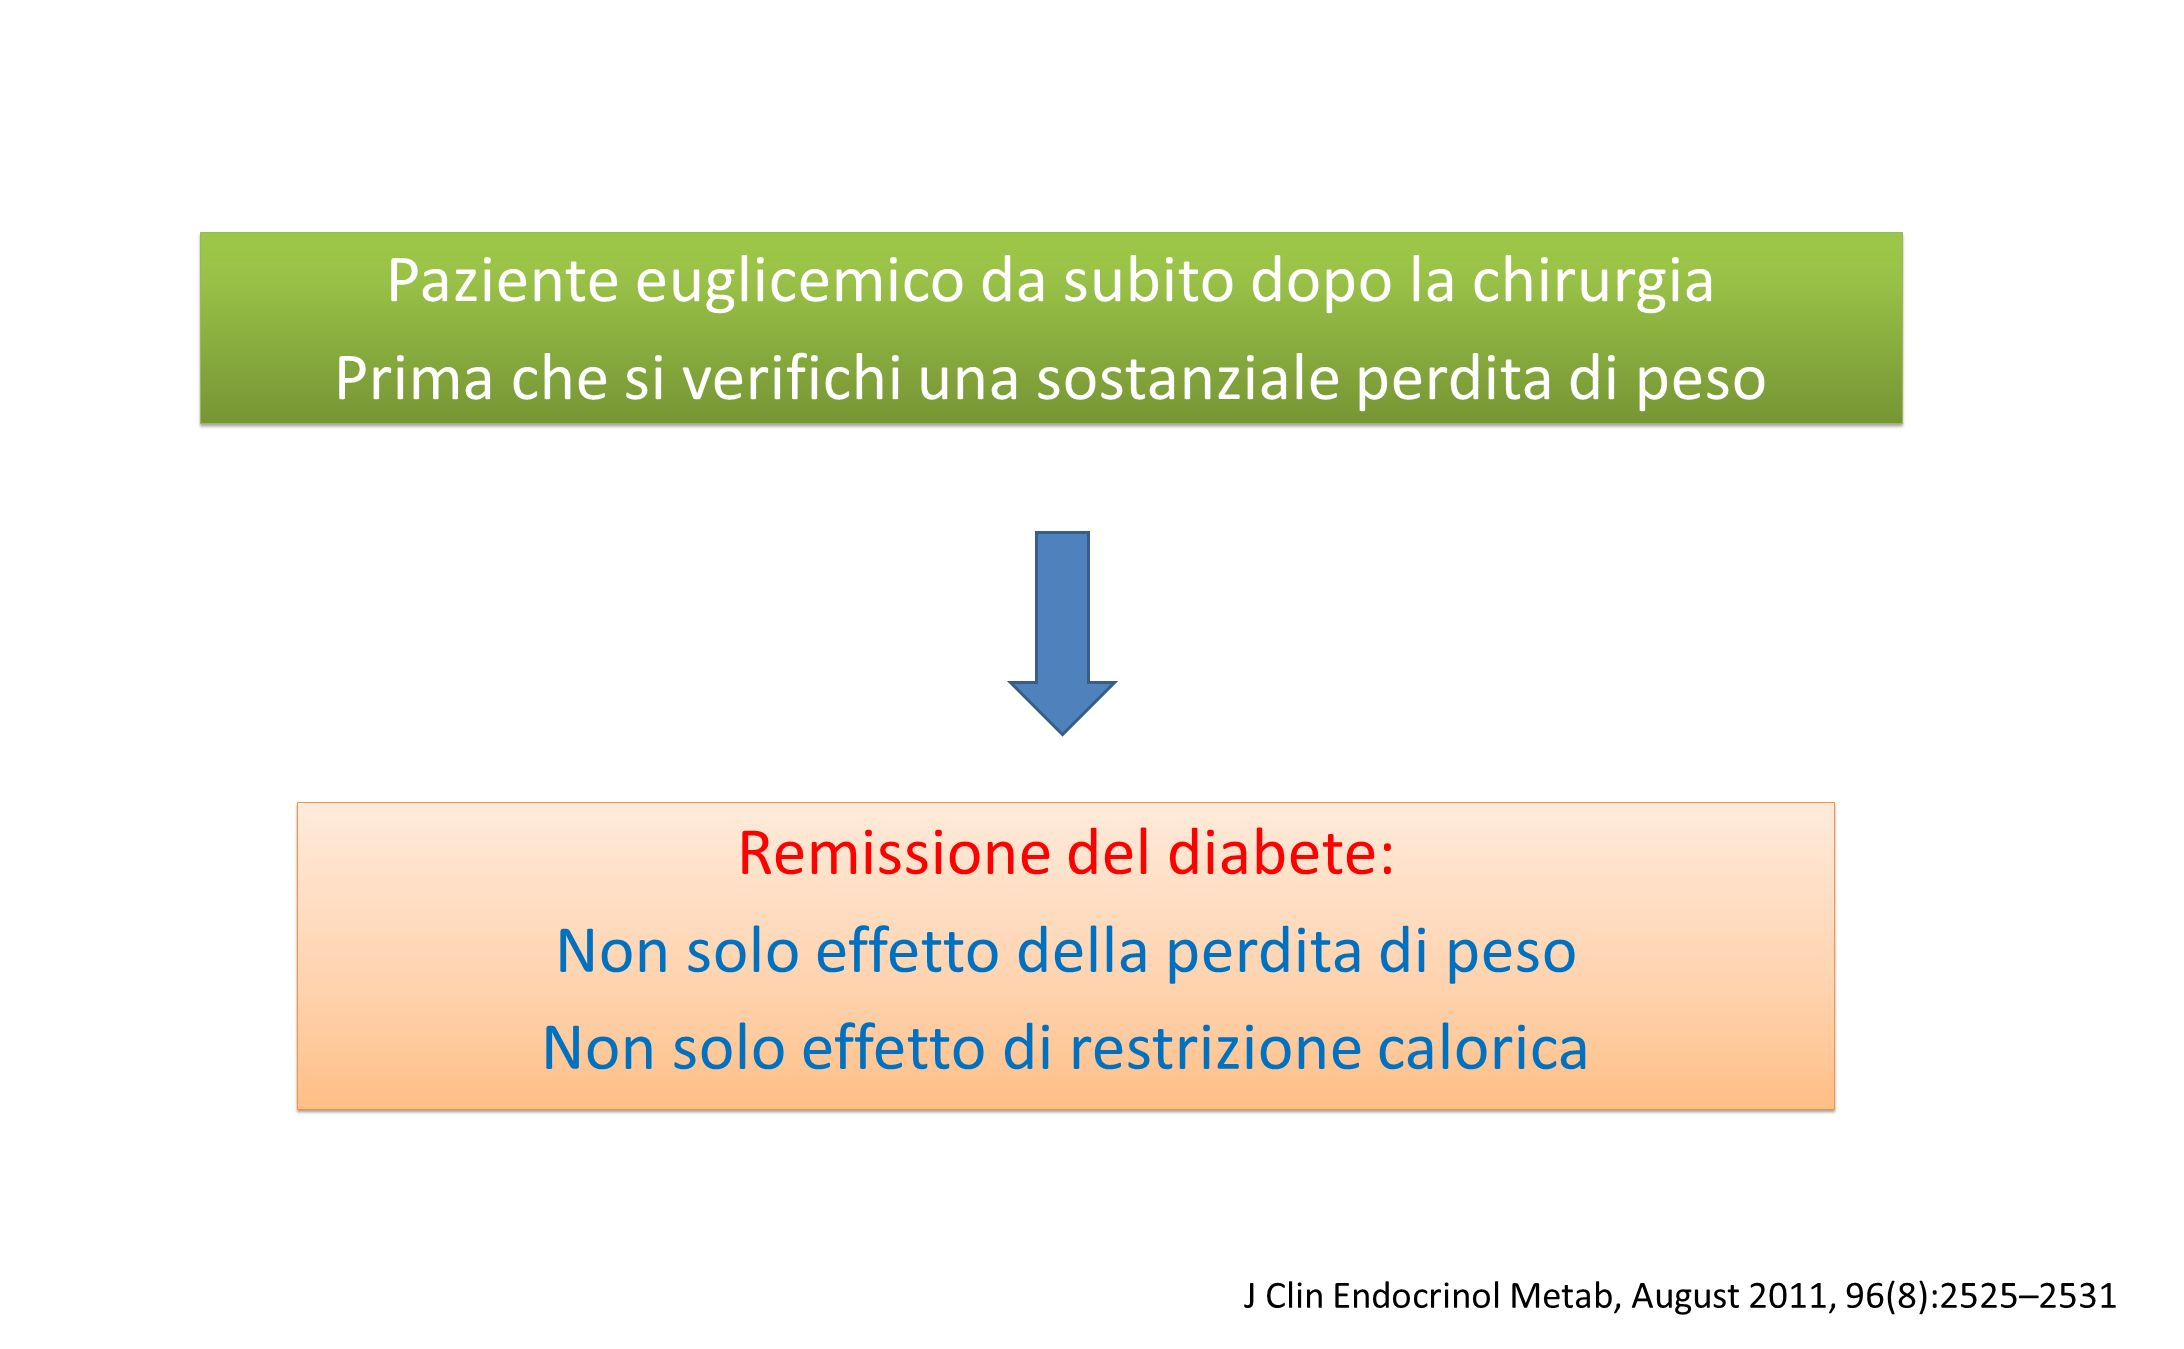 Remissione del diabete: Non solo effetto della perdita di peso Non solo effetto di restrizione calorica Remissione del diabete: Non solo effetto della